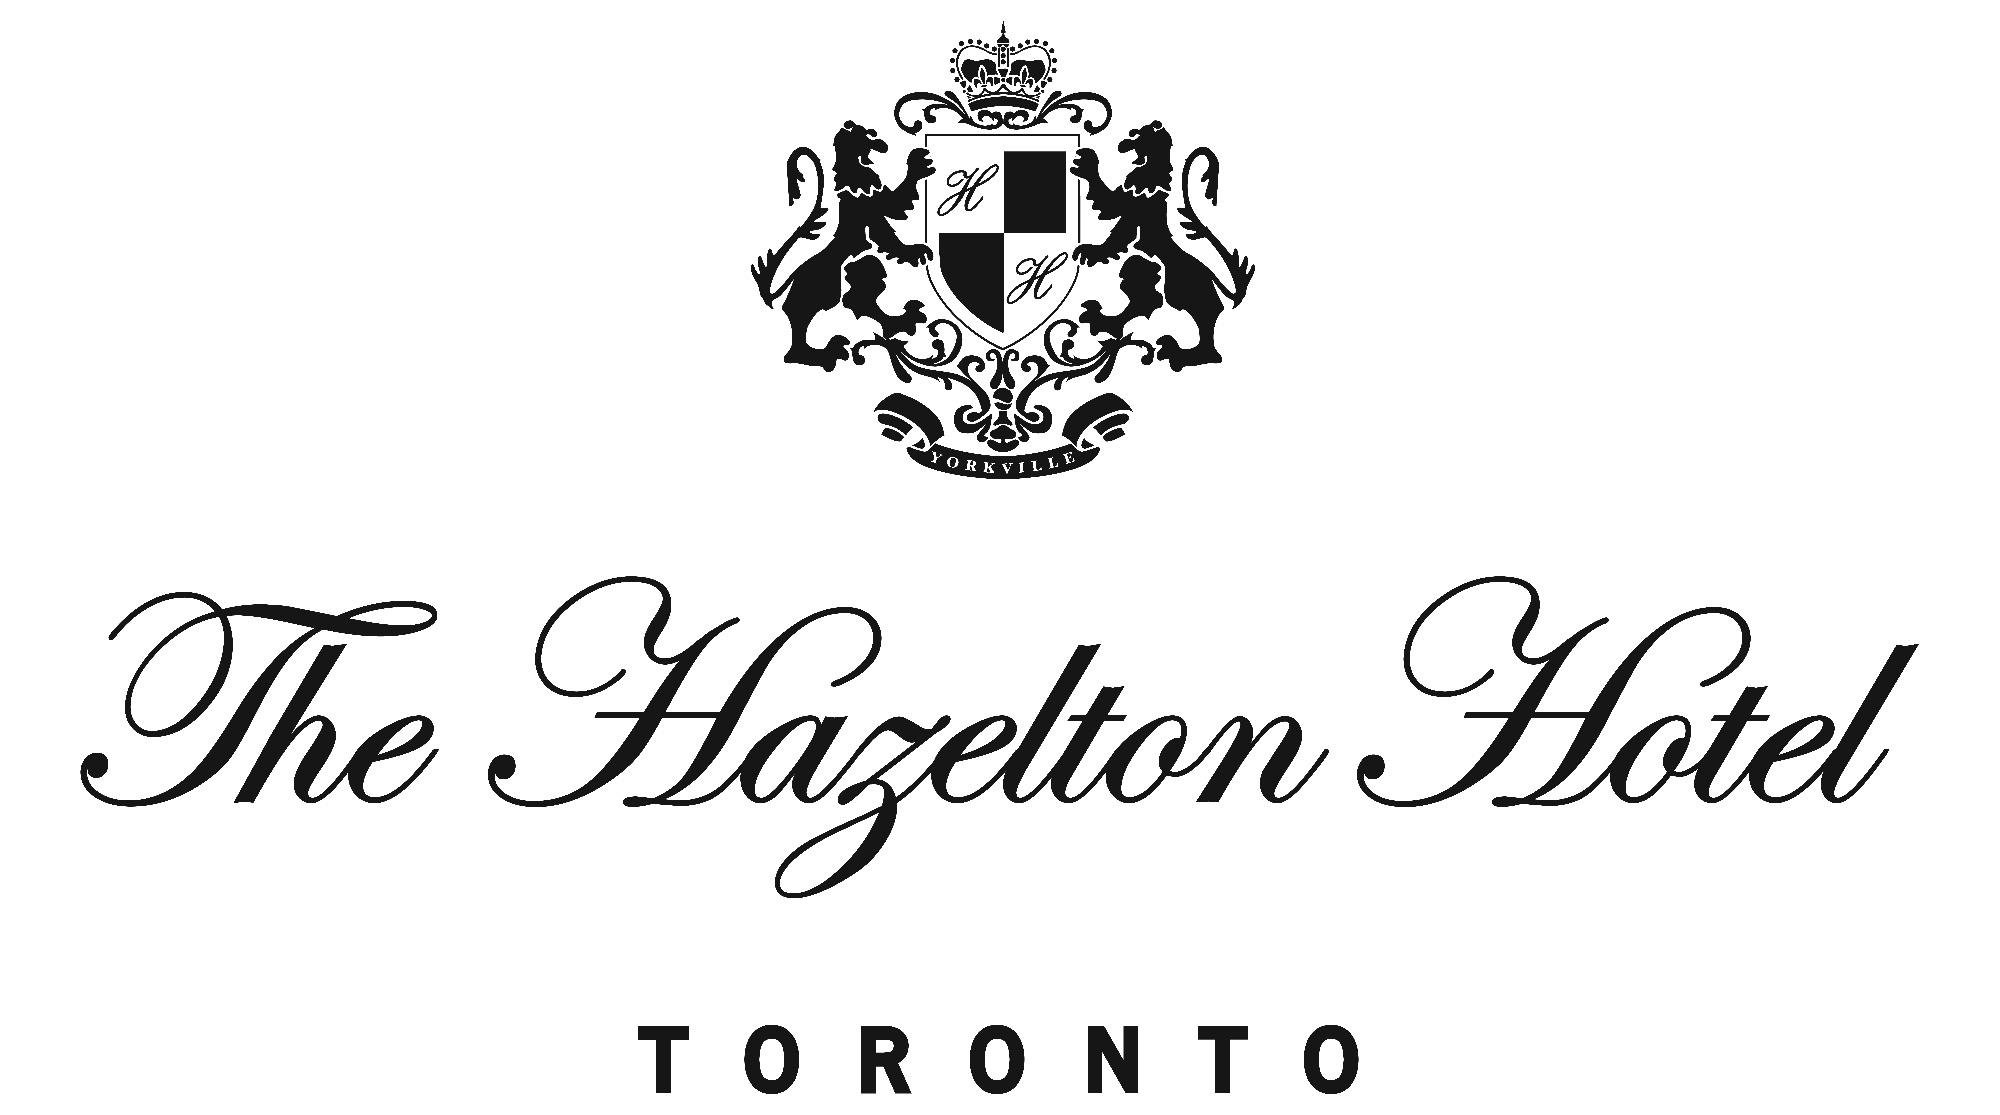 Hazelton Hotel, The logo.jpg